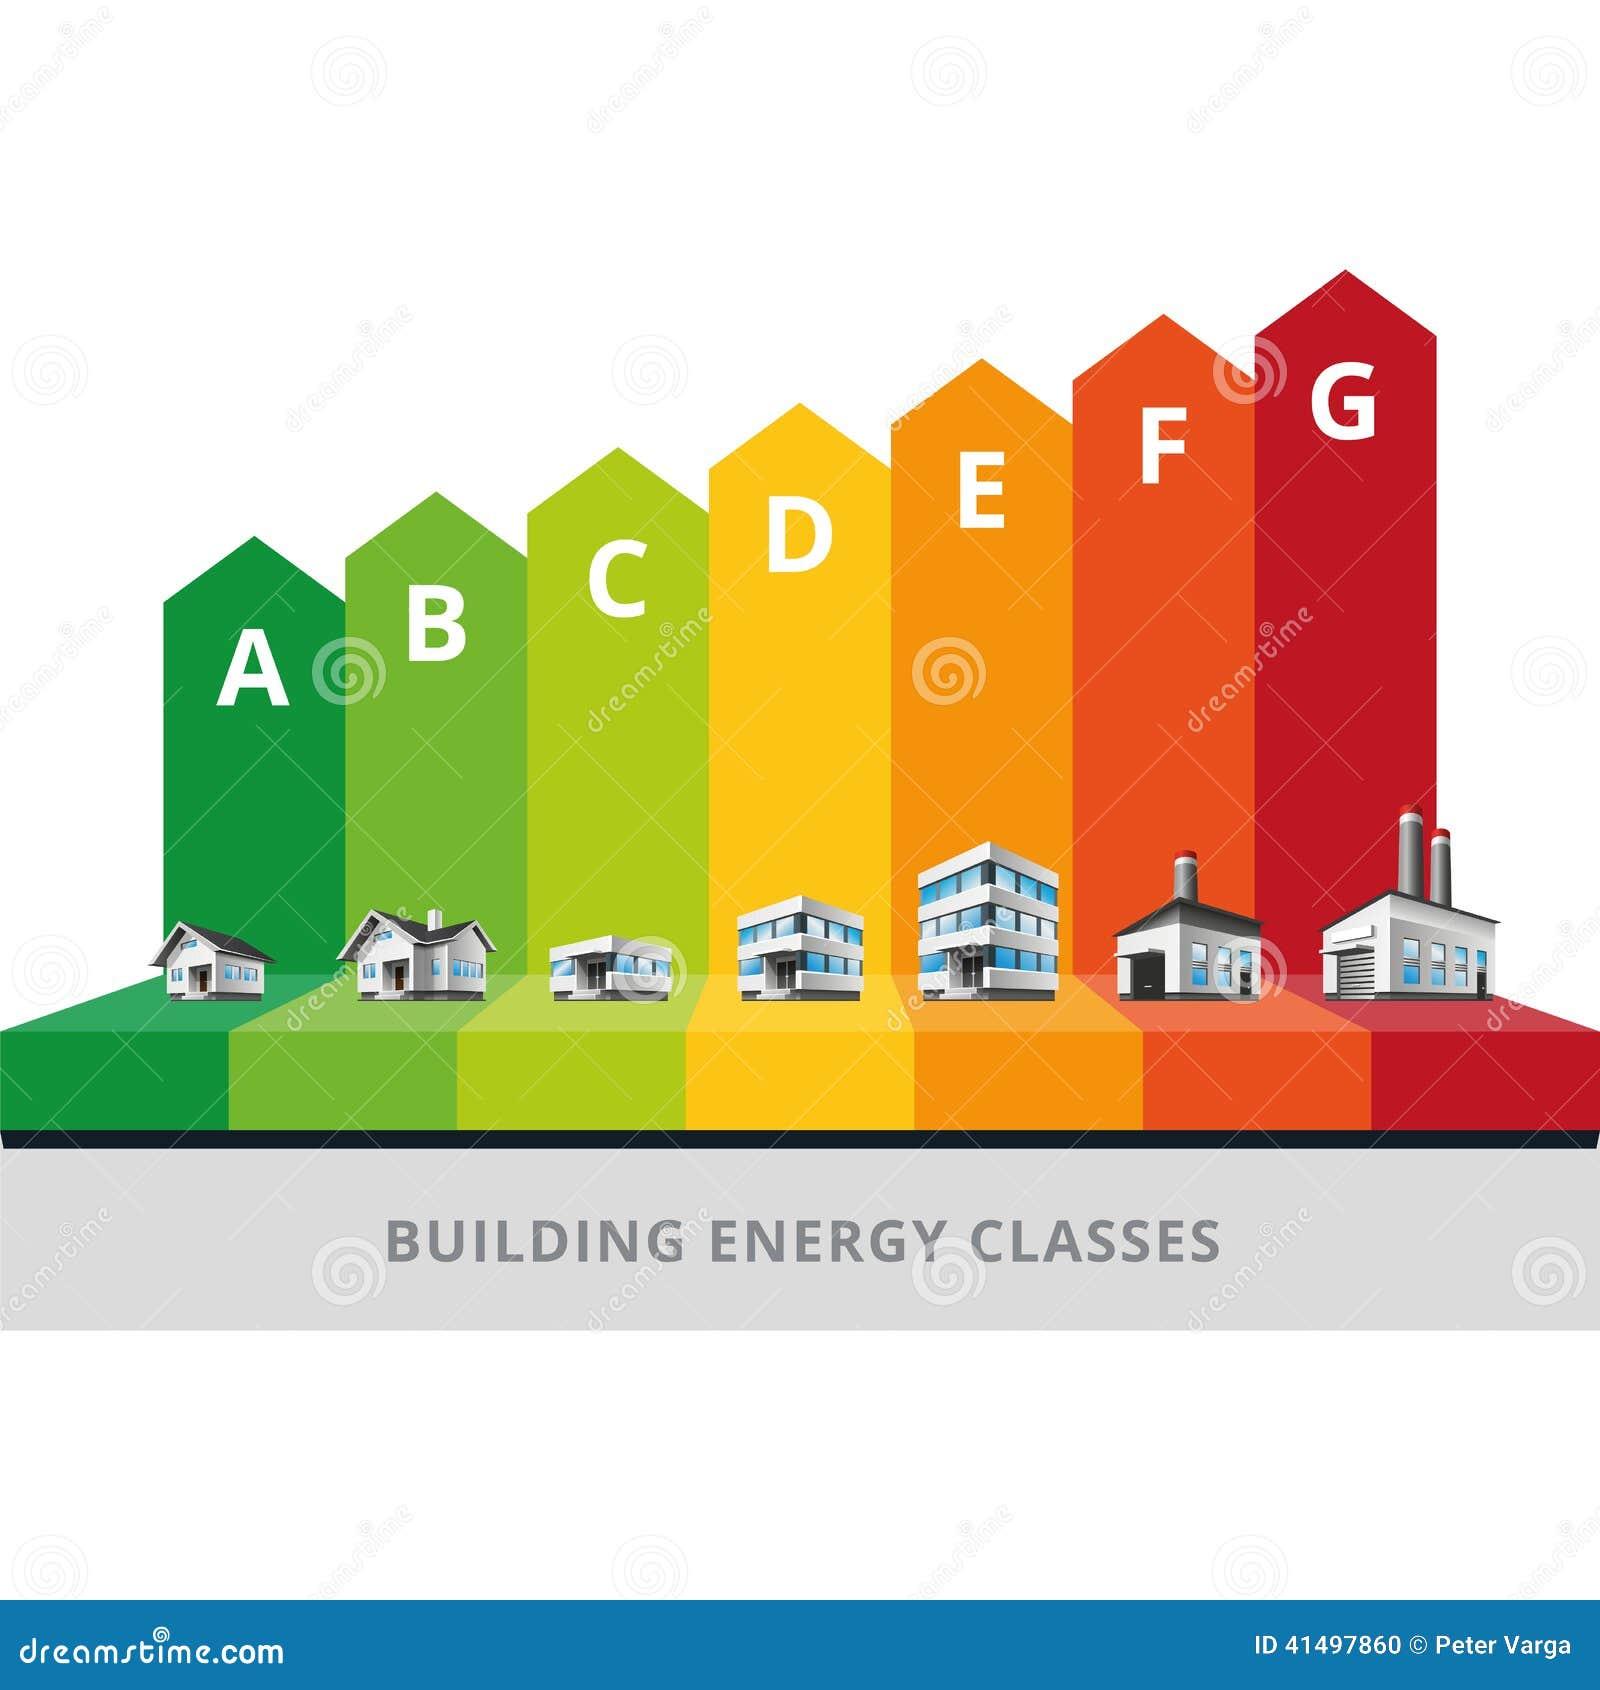 2018 Summer Study on Energy Efficiency in Buildings